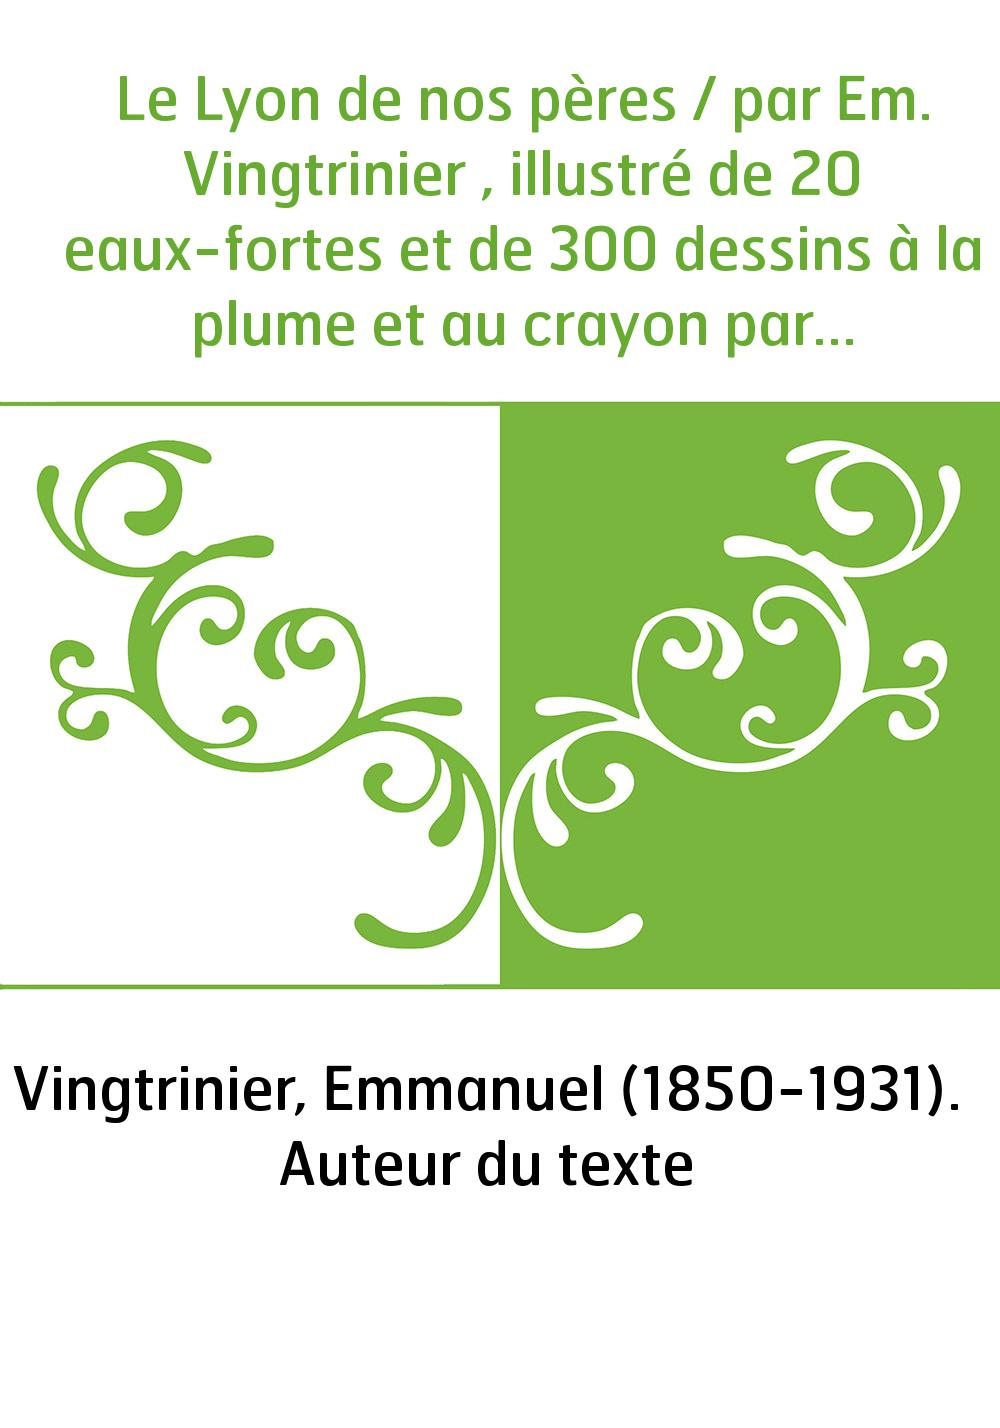 Le Lyon de nos pères / par Em. Vingtrinier , illustré de 20 eaux-fortes et de 300 dessins à la plume et au crayon par J. Drevet